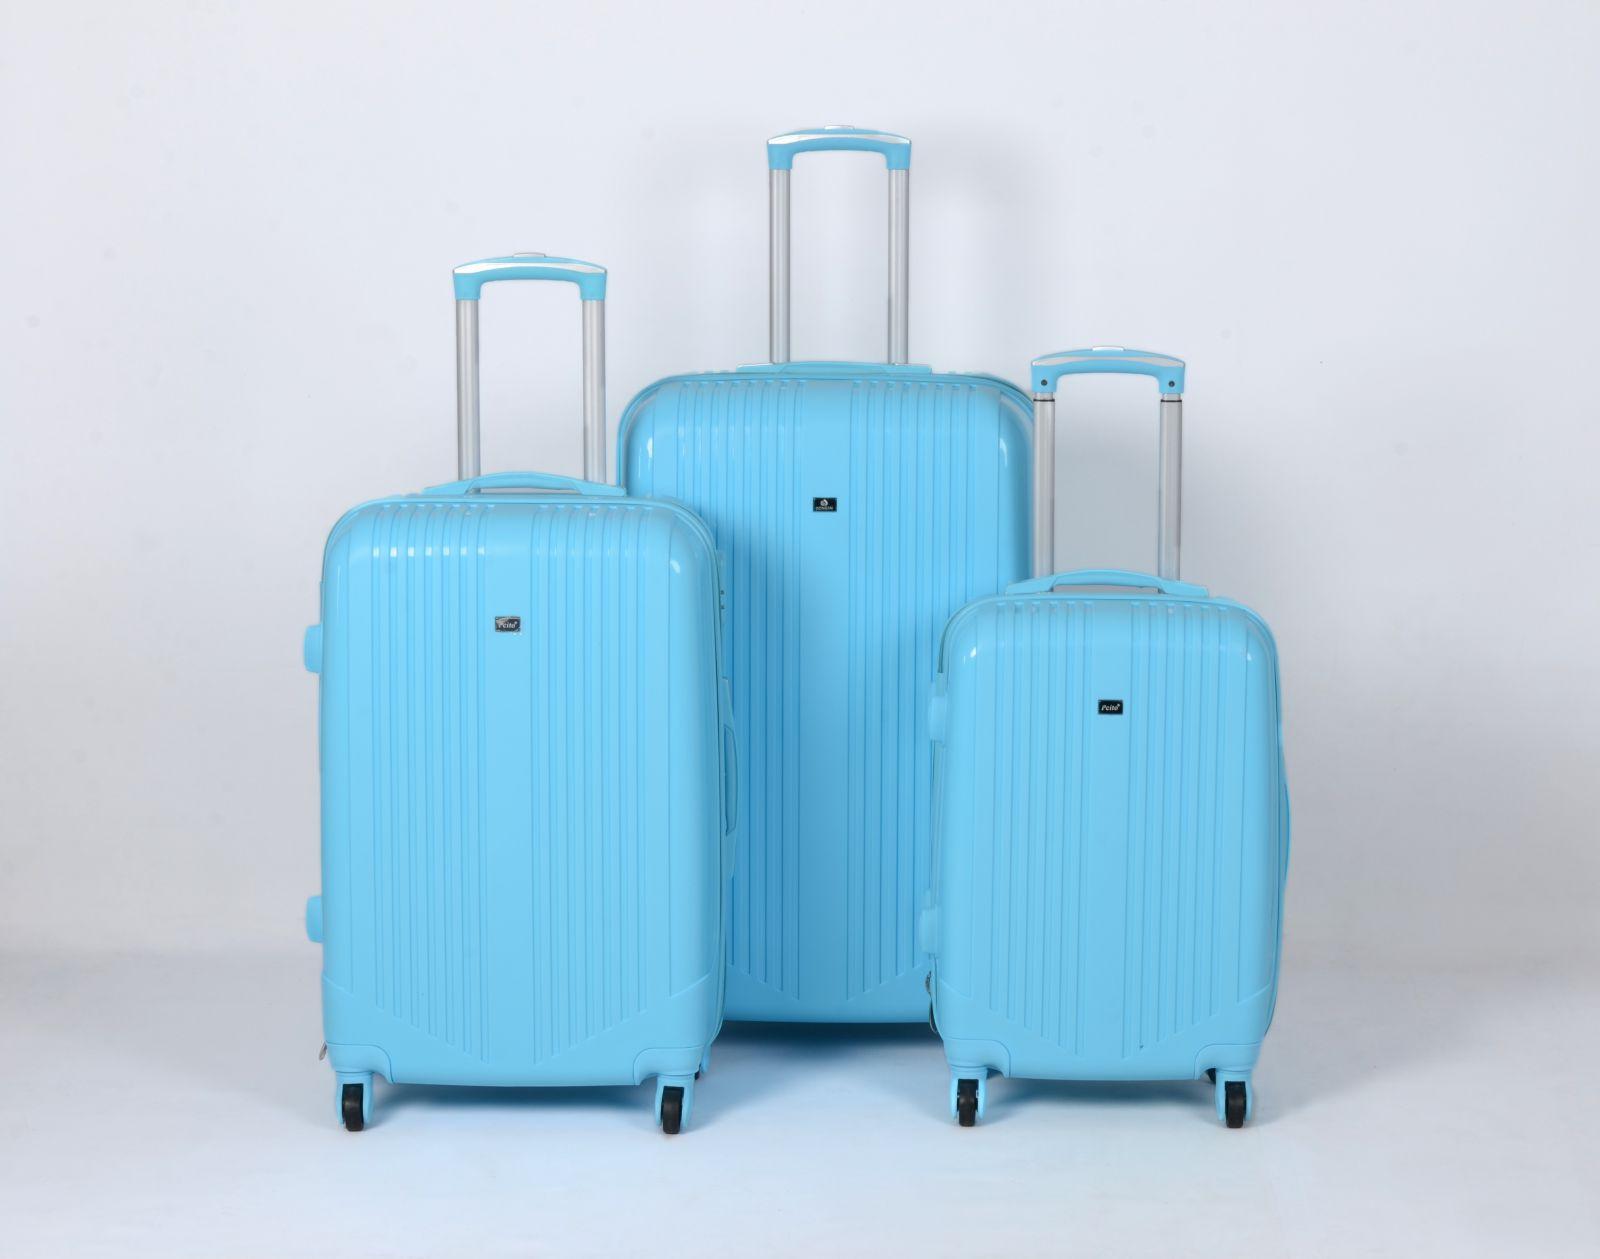 Cestovní kufry sada ABS Trolleykoffer TR-A16 modrý